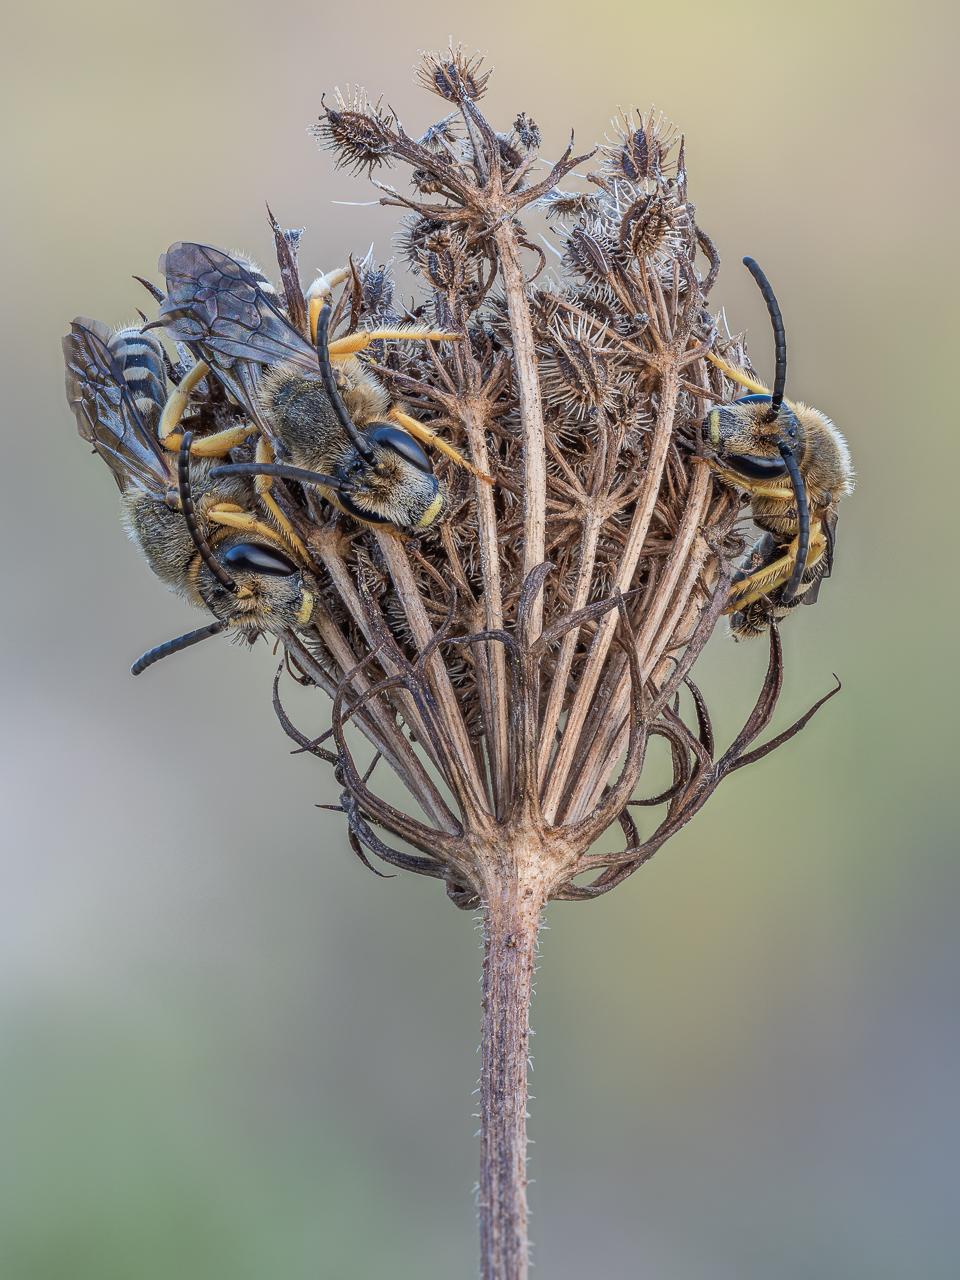 Furchenbienen